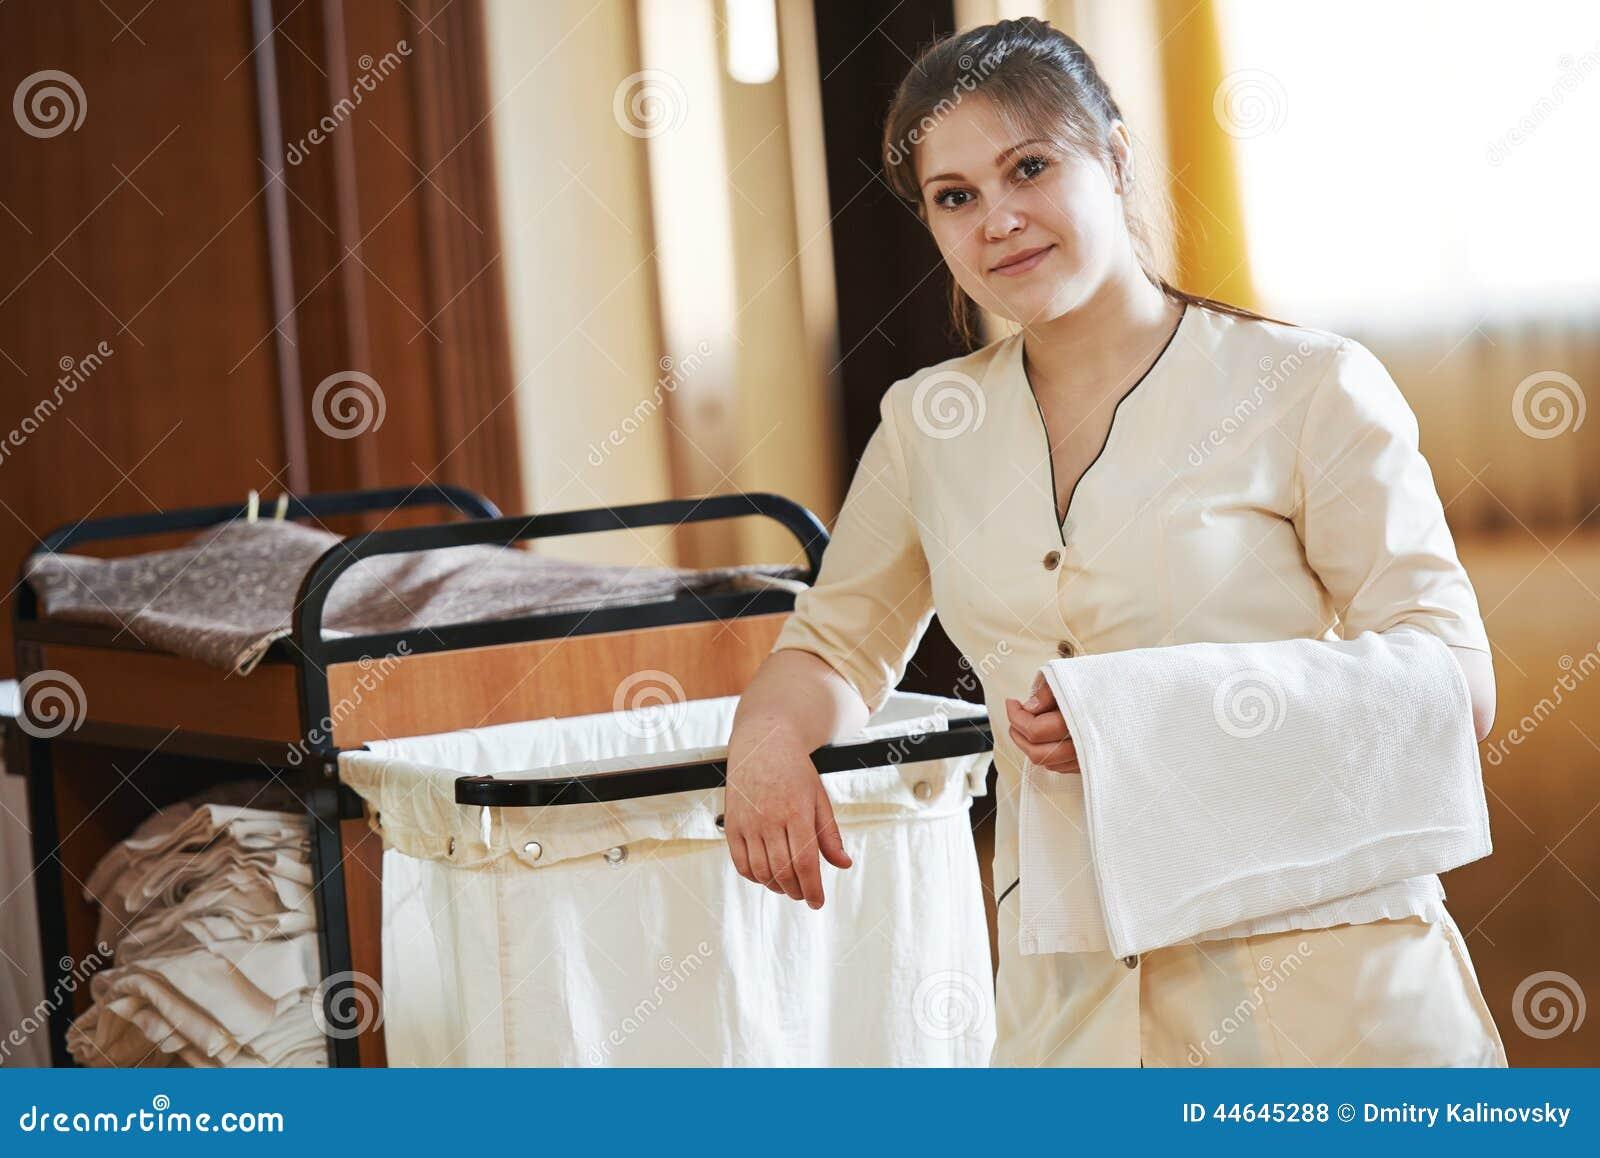 Femme de chambre l 39 h tel photo stock image du entretien - Femmes de chambre synonyme ...